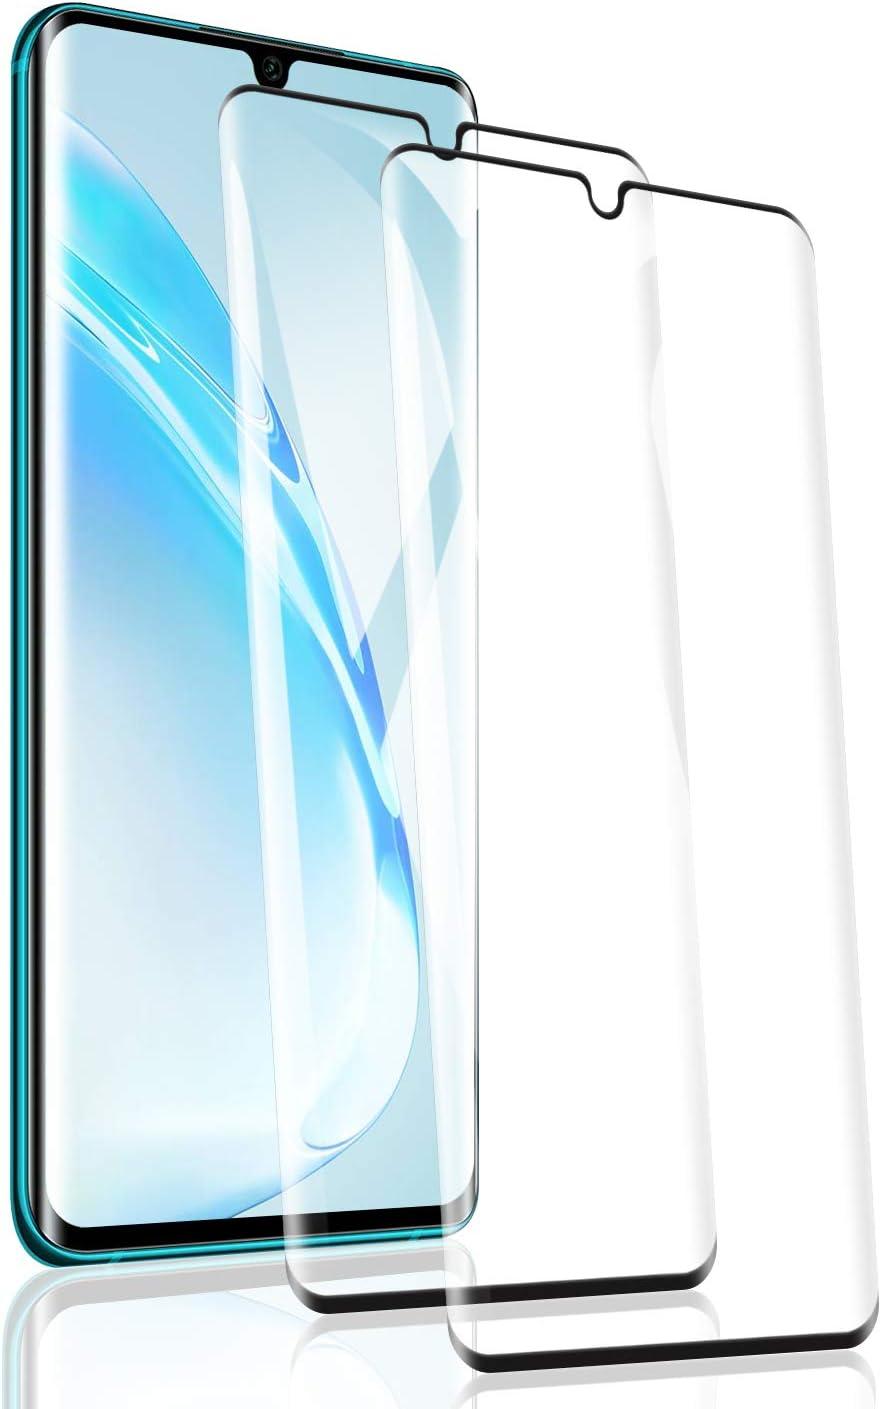 RSSYTZ [2 Pack Protector de Pantalla para Xiaomi Mi Note 10, [9H Dureza] [Resistente a Arañazos] [Admite la función de Huella Digital] Vidrio Templado Screen Protector para Xiaomi Mi Note 10